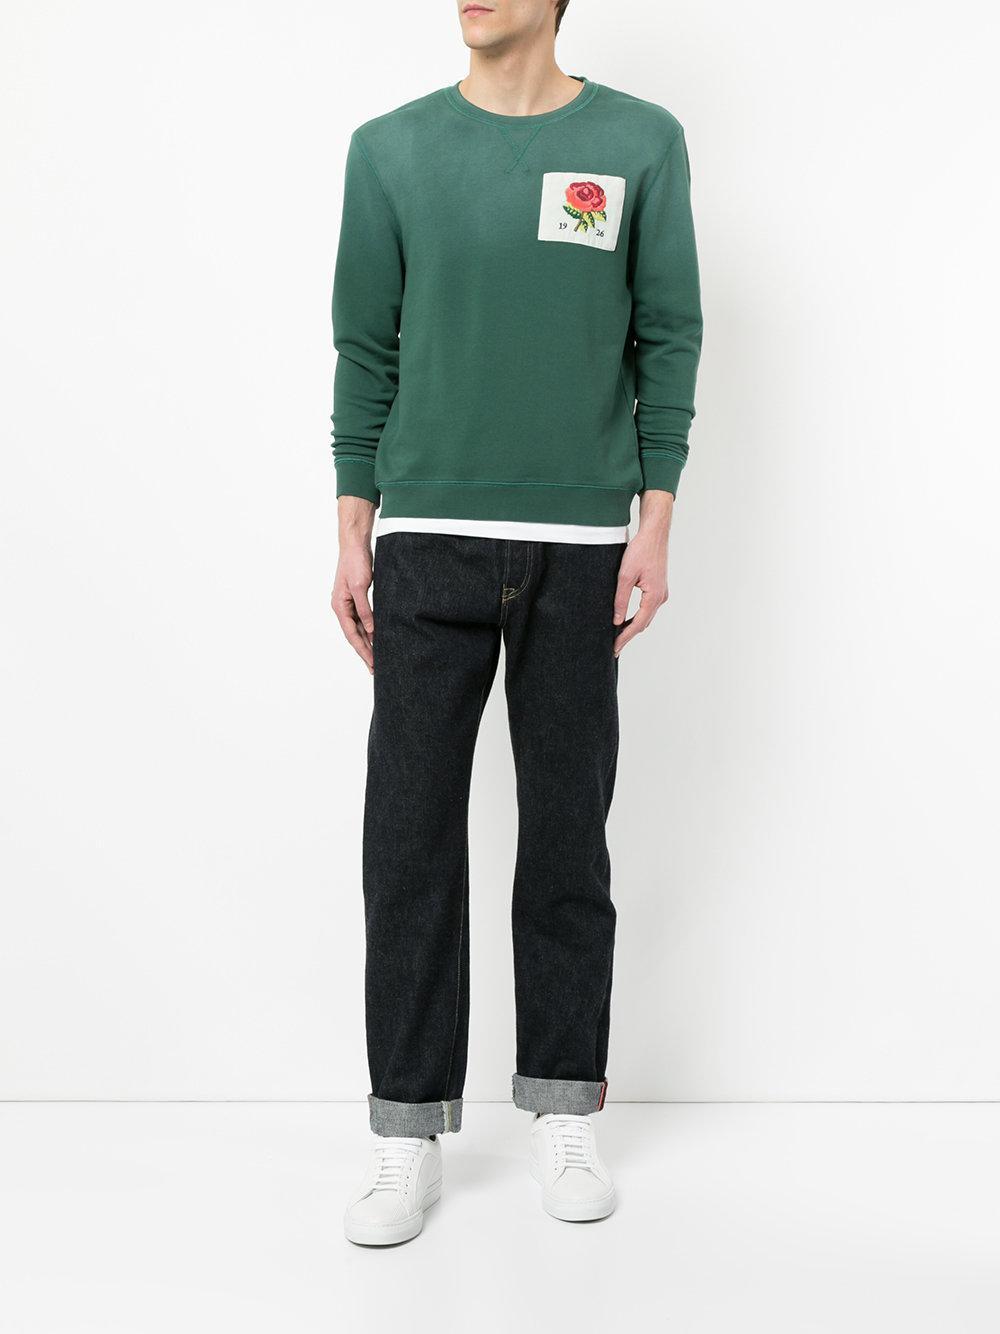 logo patch sweatshirt - Yellow & Orange Kent & Curwen Popular 8Ey2KmvTn